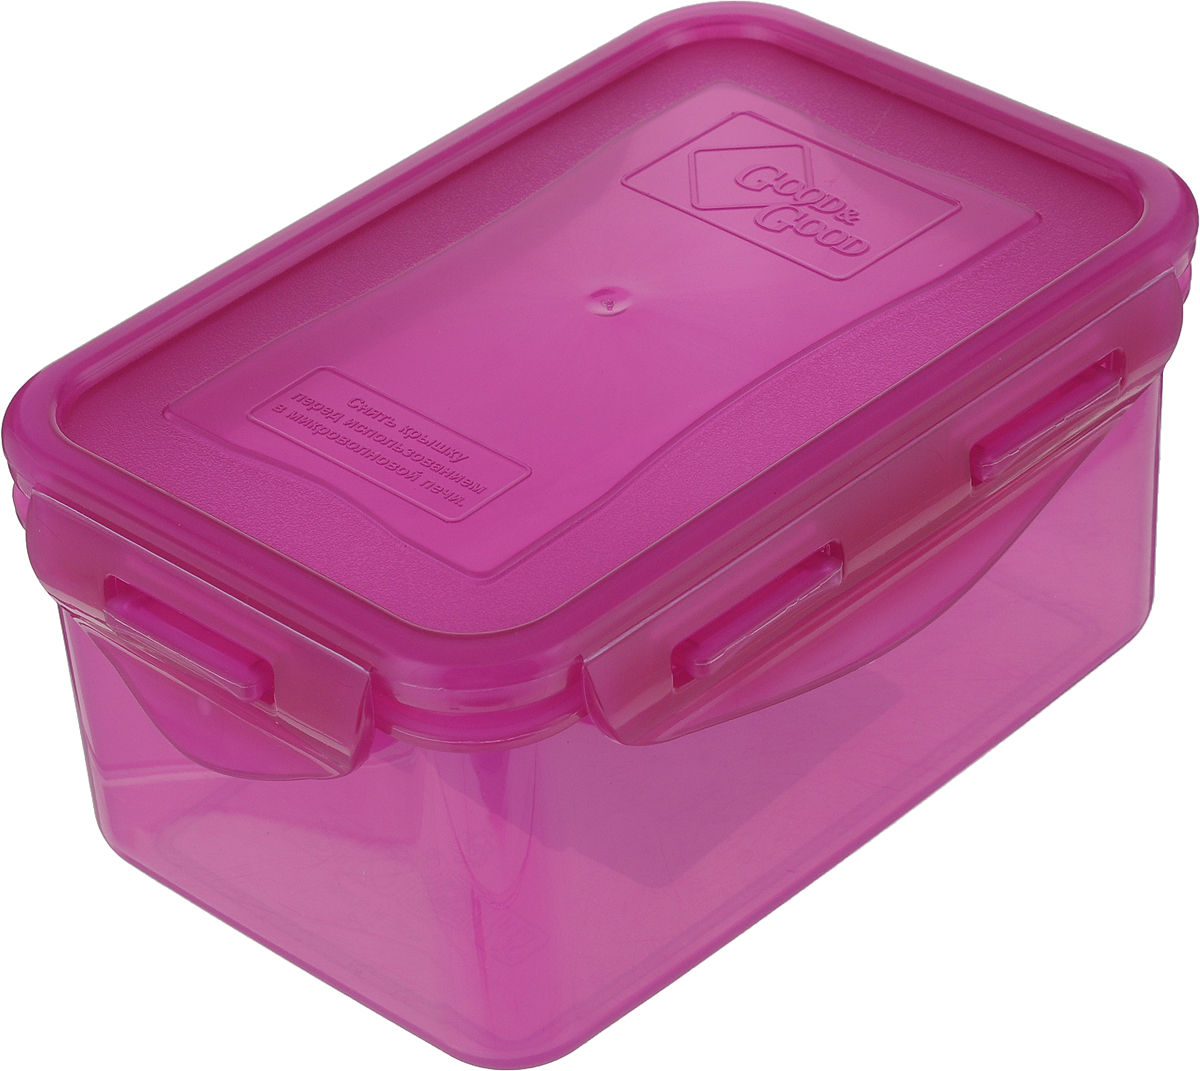 Контейнер пищевой Good&Good, цвет: фуксия, 800 мл контейнер пищевой good